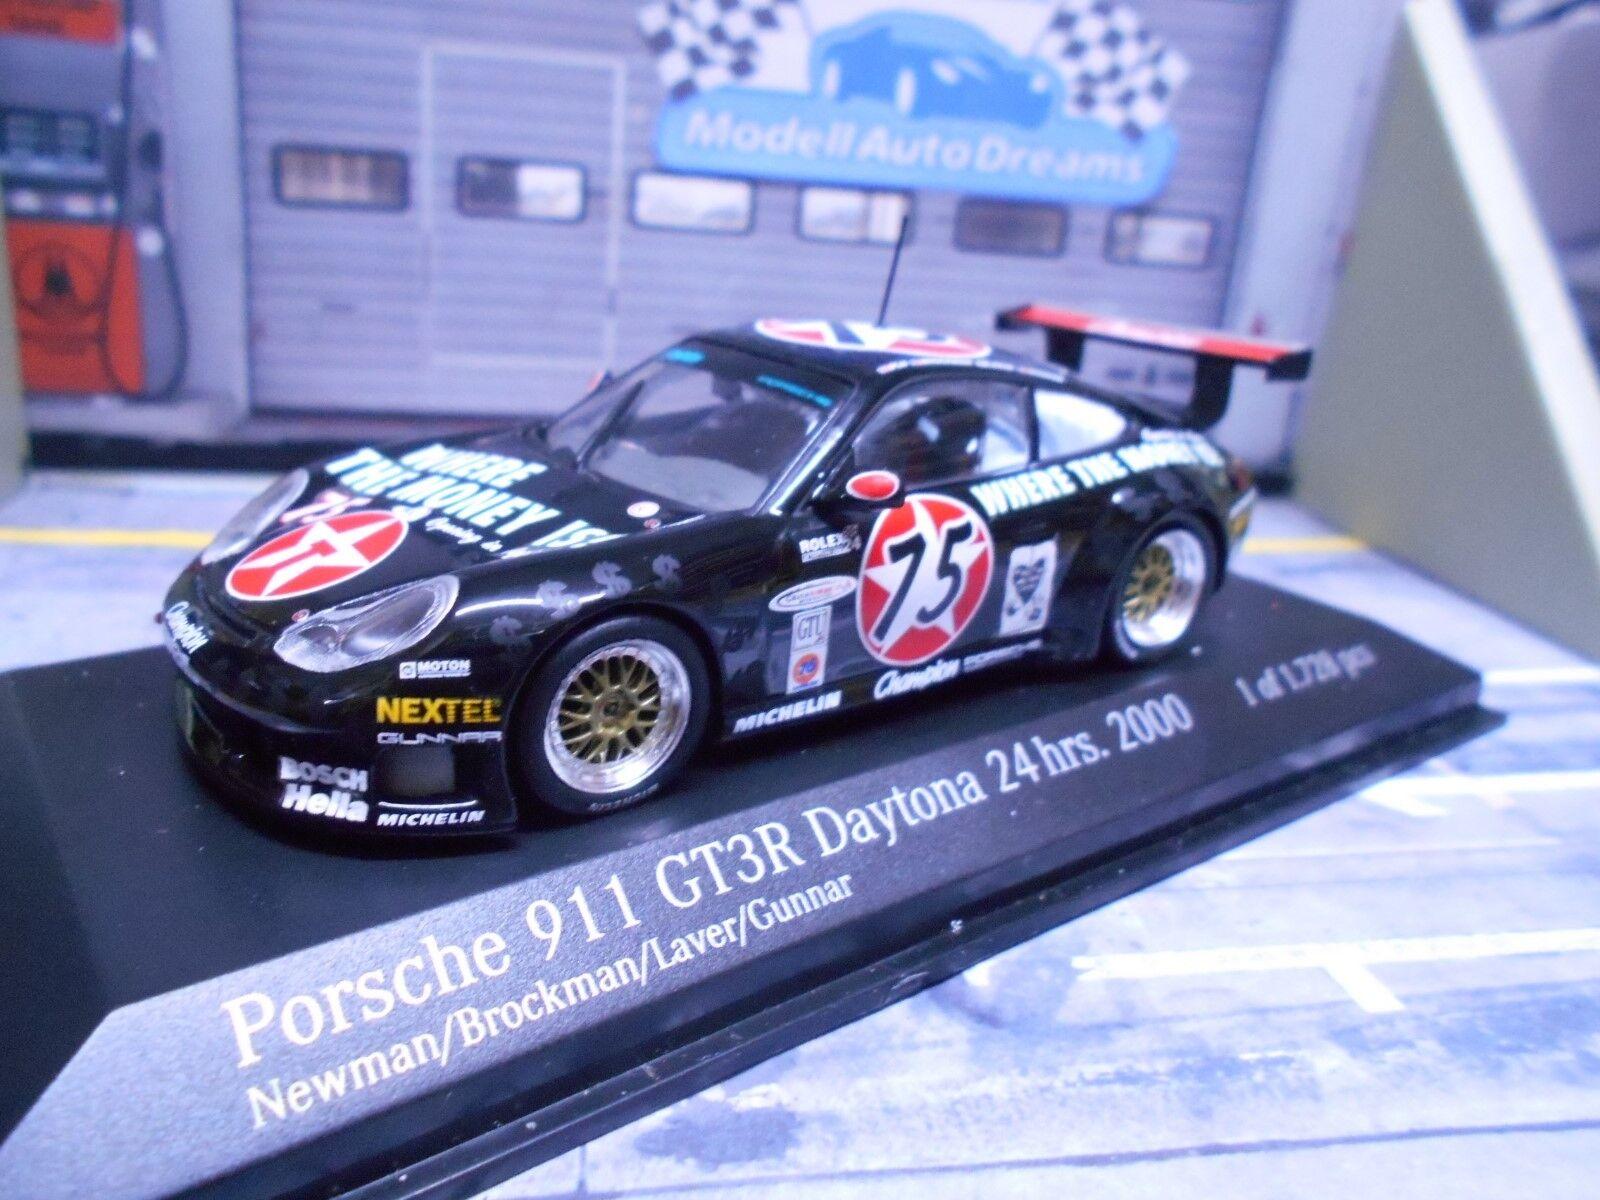 Porsche 911 996 gt3r GT R 2000 Daytona  75 texaco Newman Minichamps 1 43